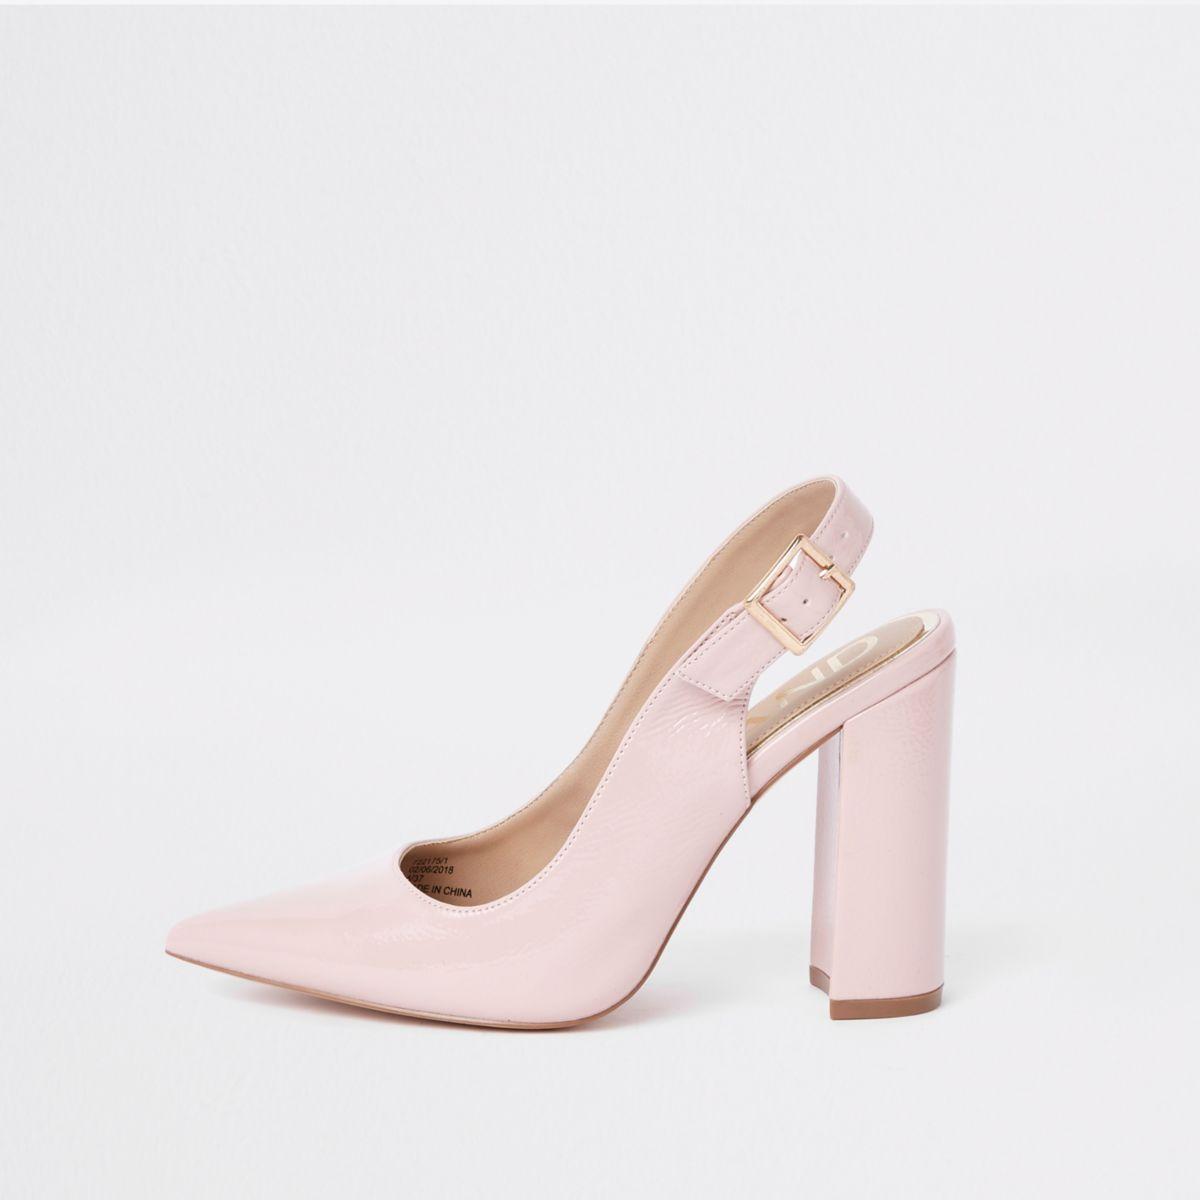 Pink block heel sling back court shoes